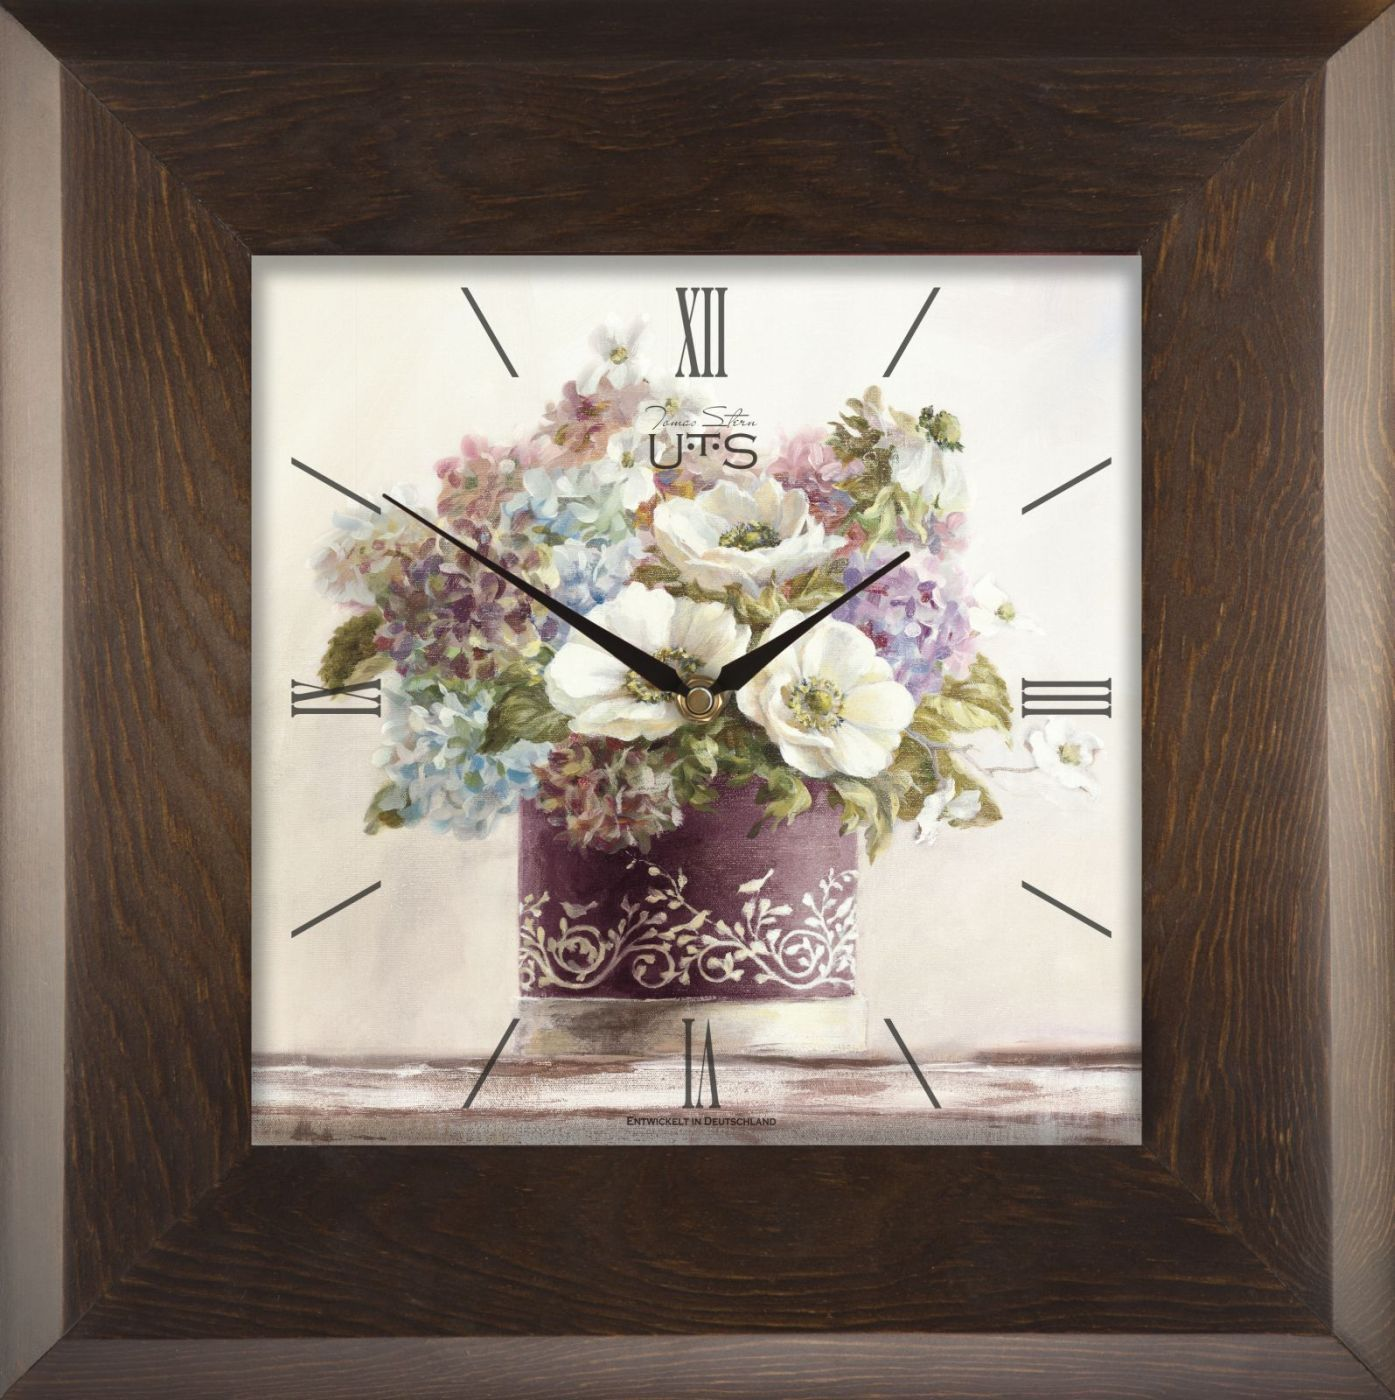 Часы настенные Часы настенные Tomas Stern 7001D chasy-nastennye-tomas-stern-7001d-germaniya-tayvan.jpg